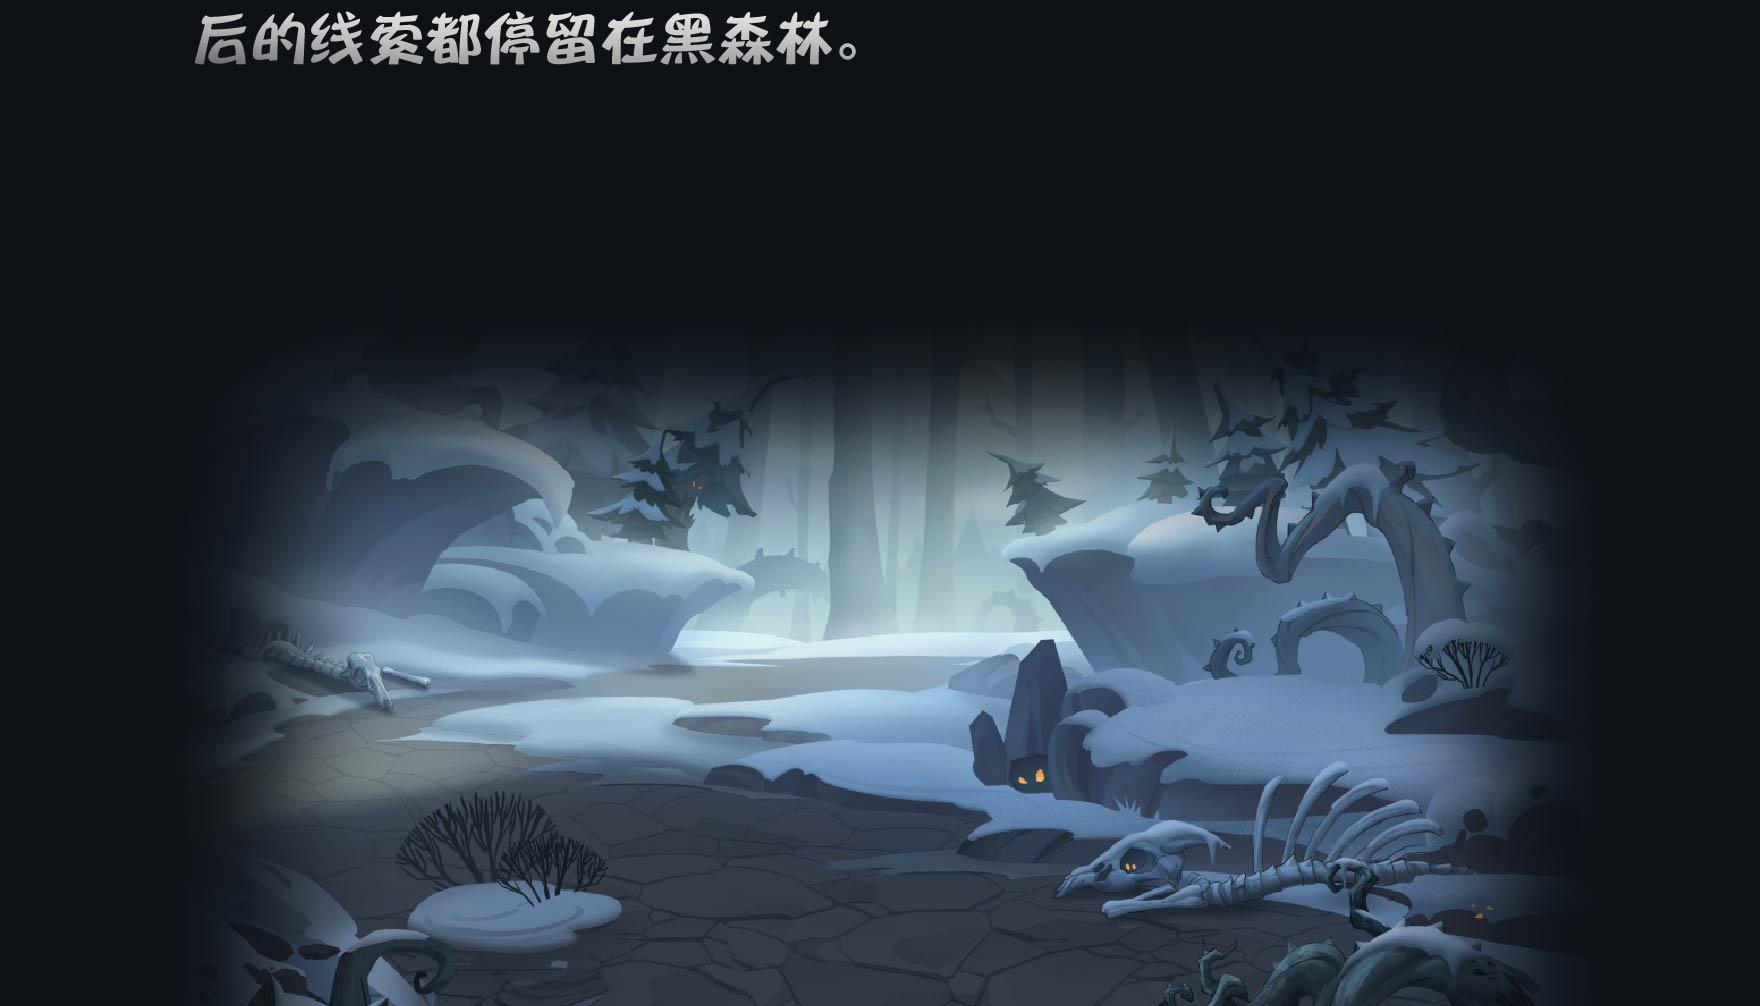 月圆之夜(3-07.jpg